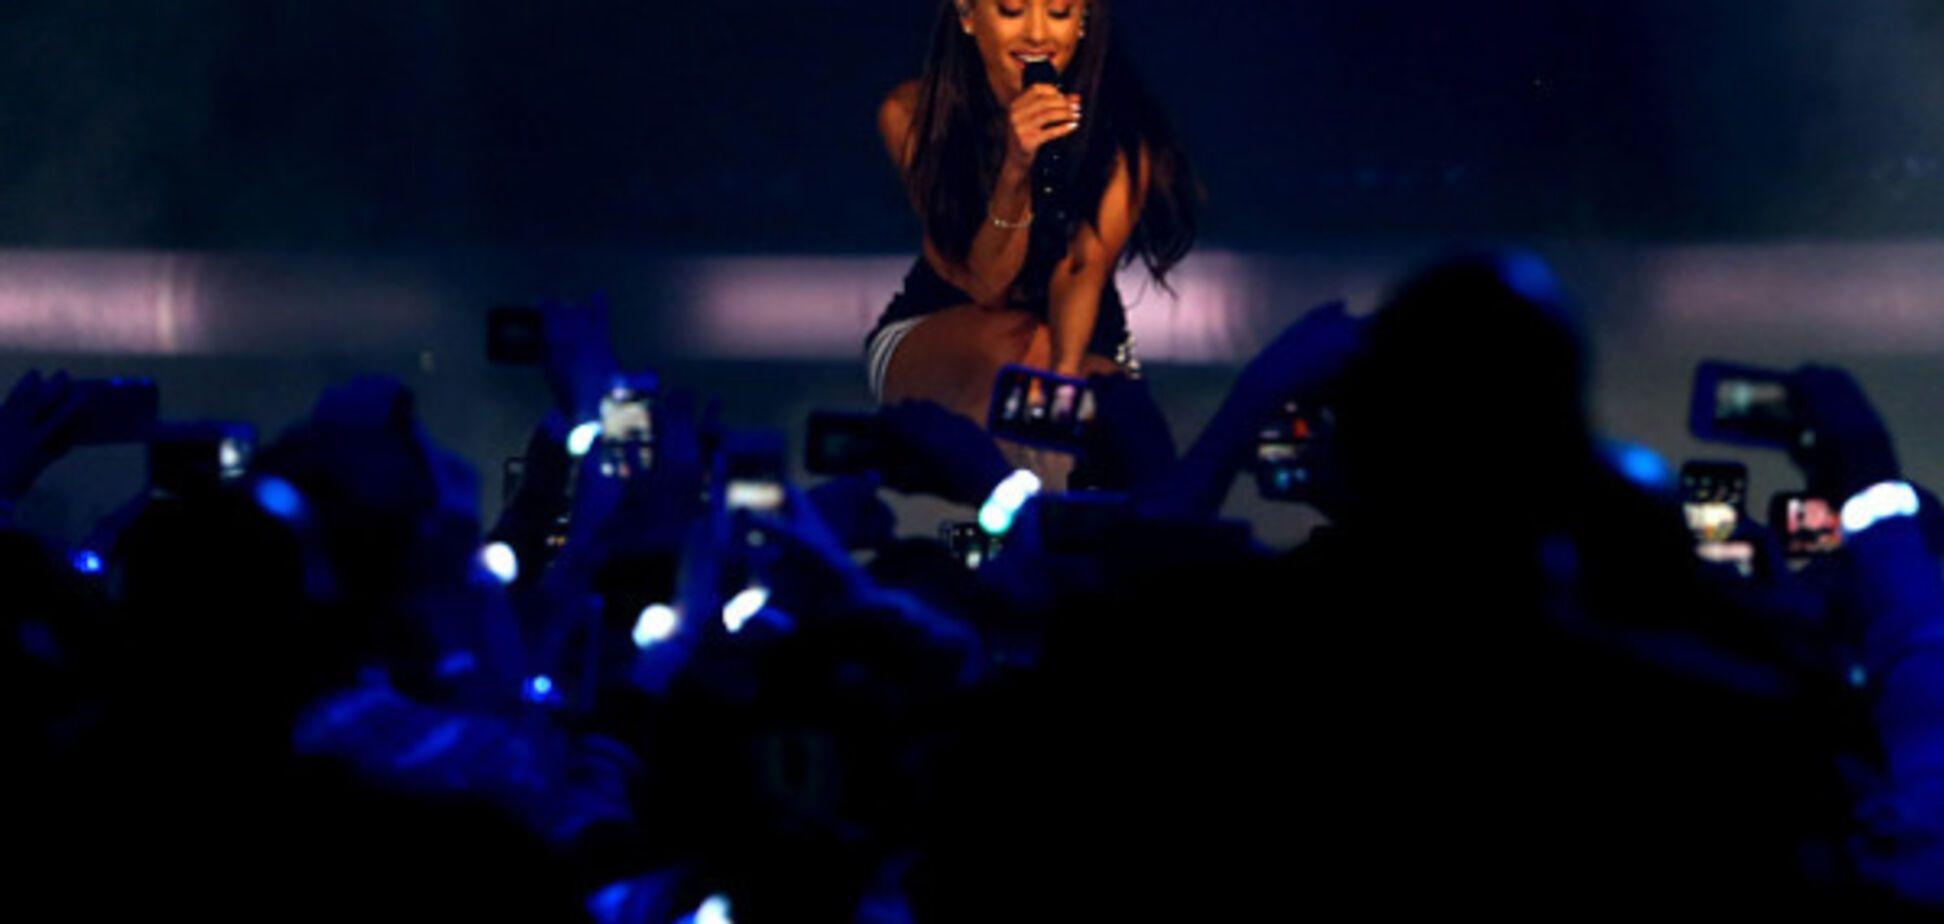 'Безутешна': американская певица после теракта в Манчестере не готова выходить на сцену